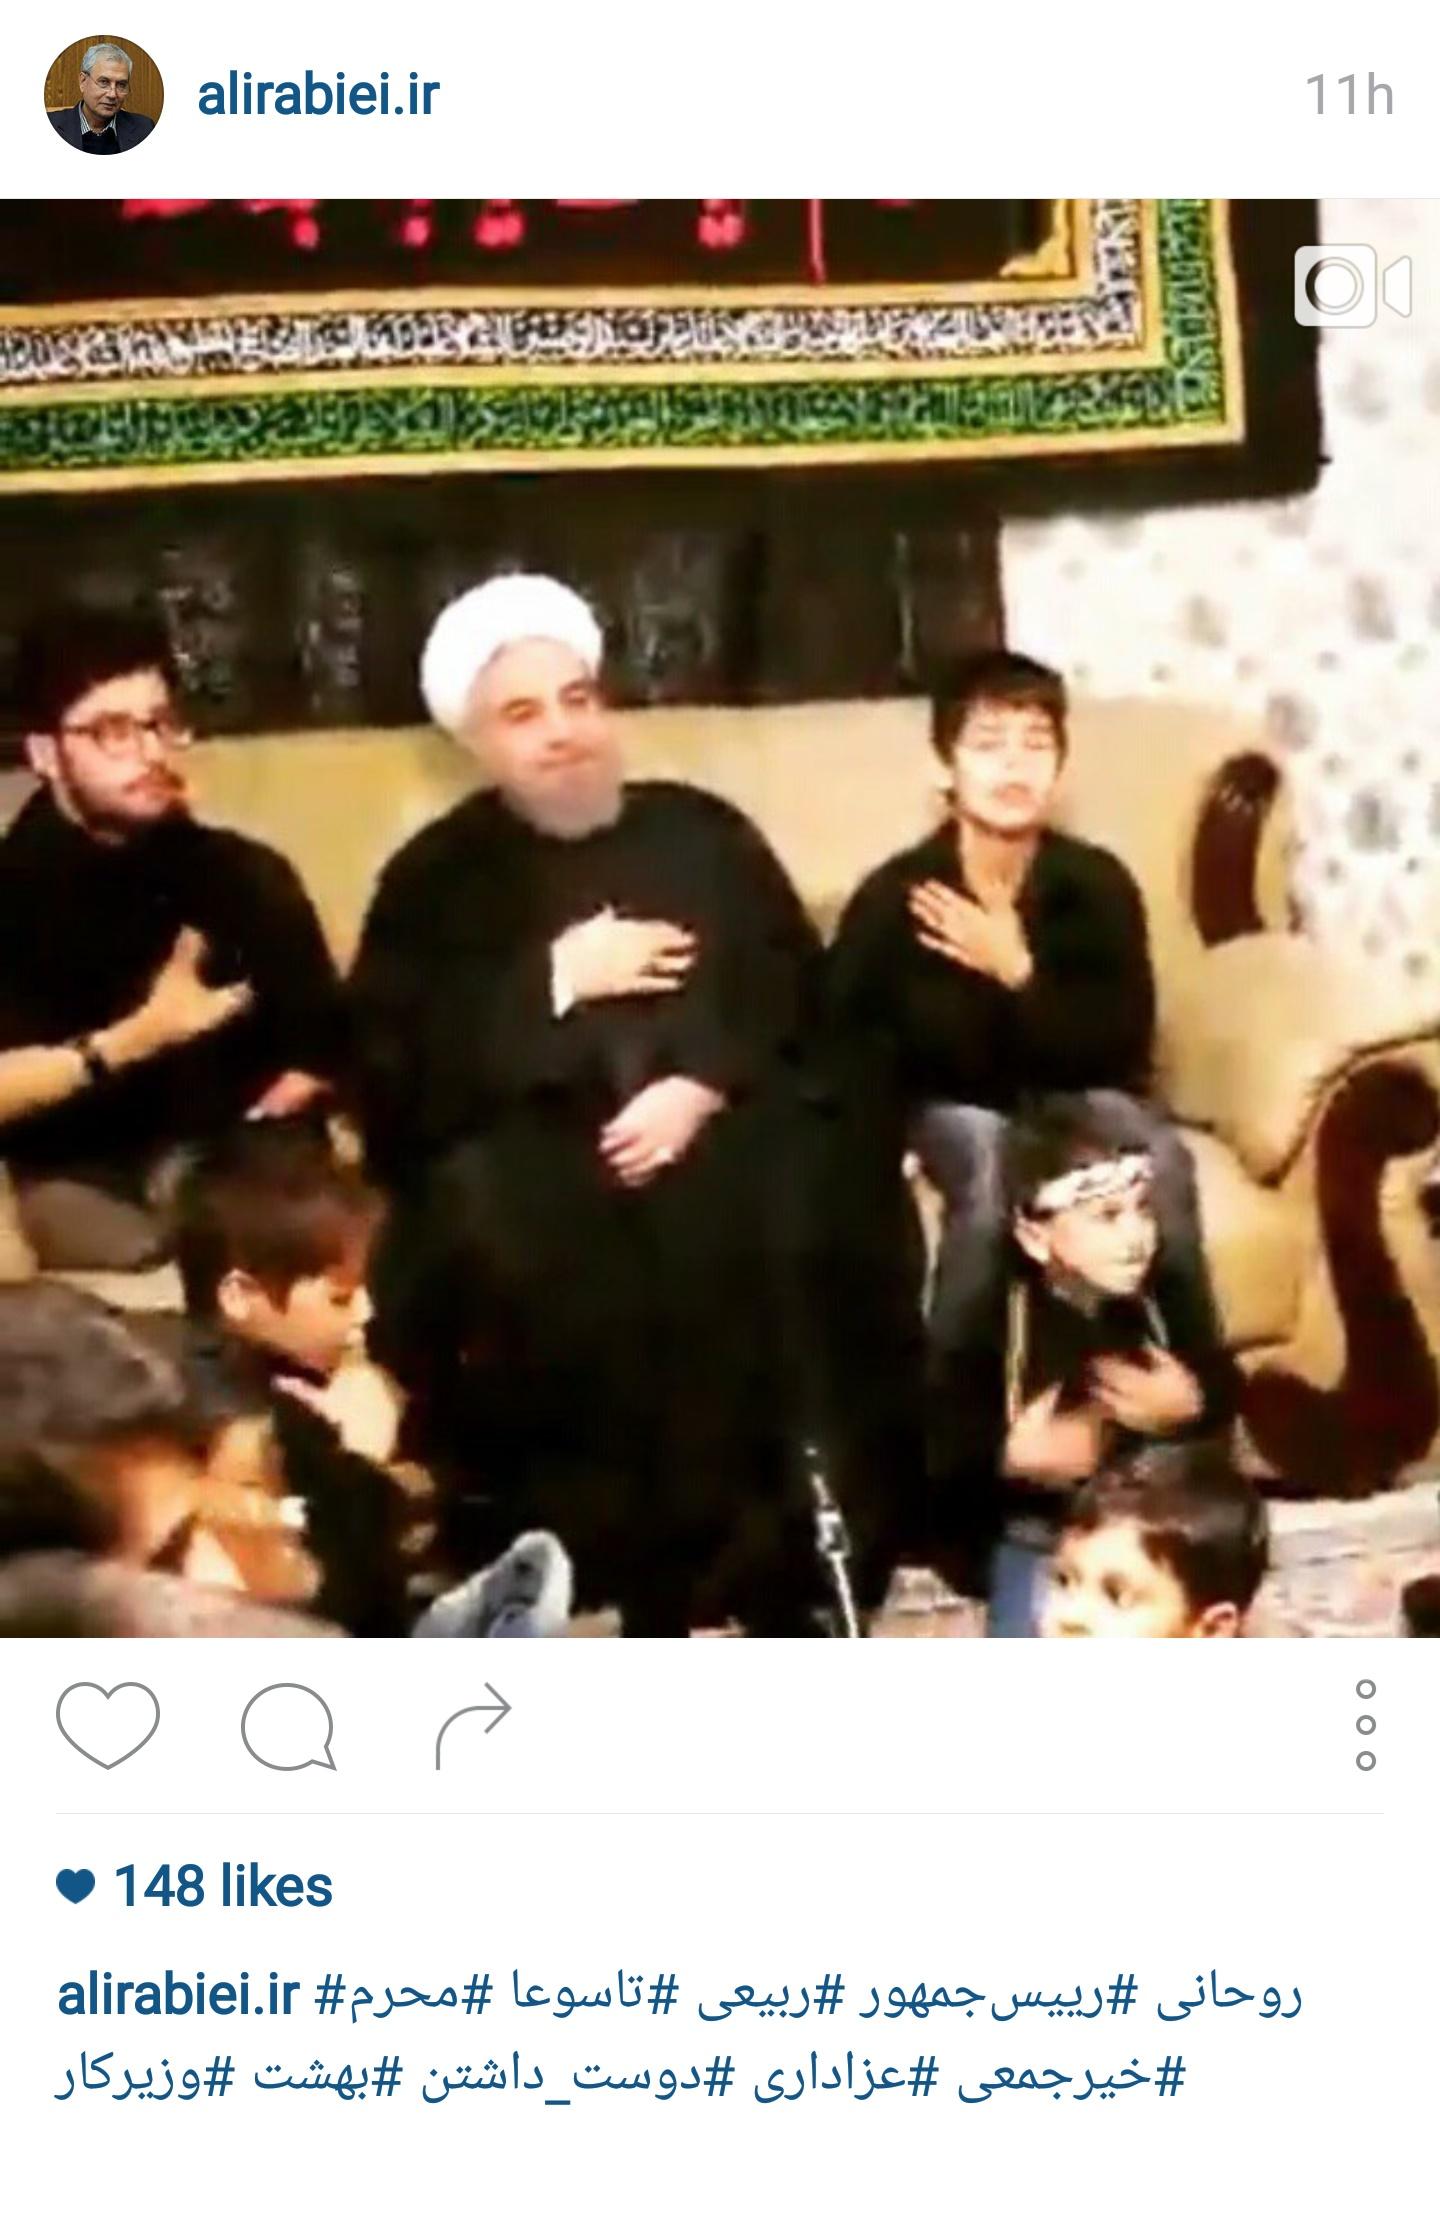 آیتالله خامنهای رهبر معظم انقلاب,حسن روحانی,محسن رضایی,اکبر هاشمی رفسنجانی